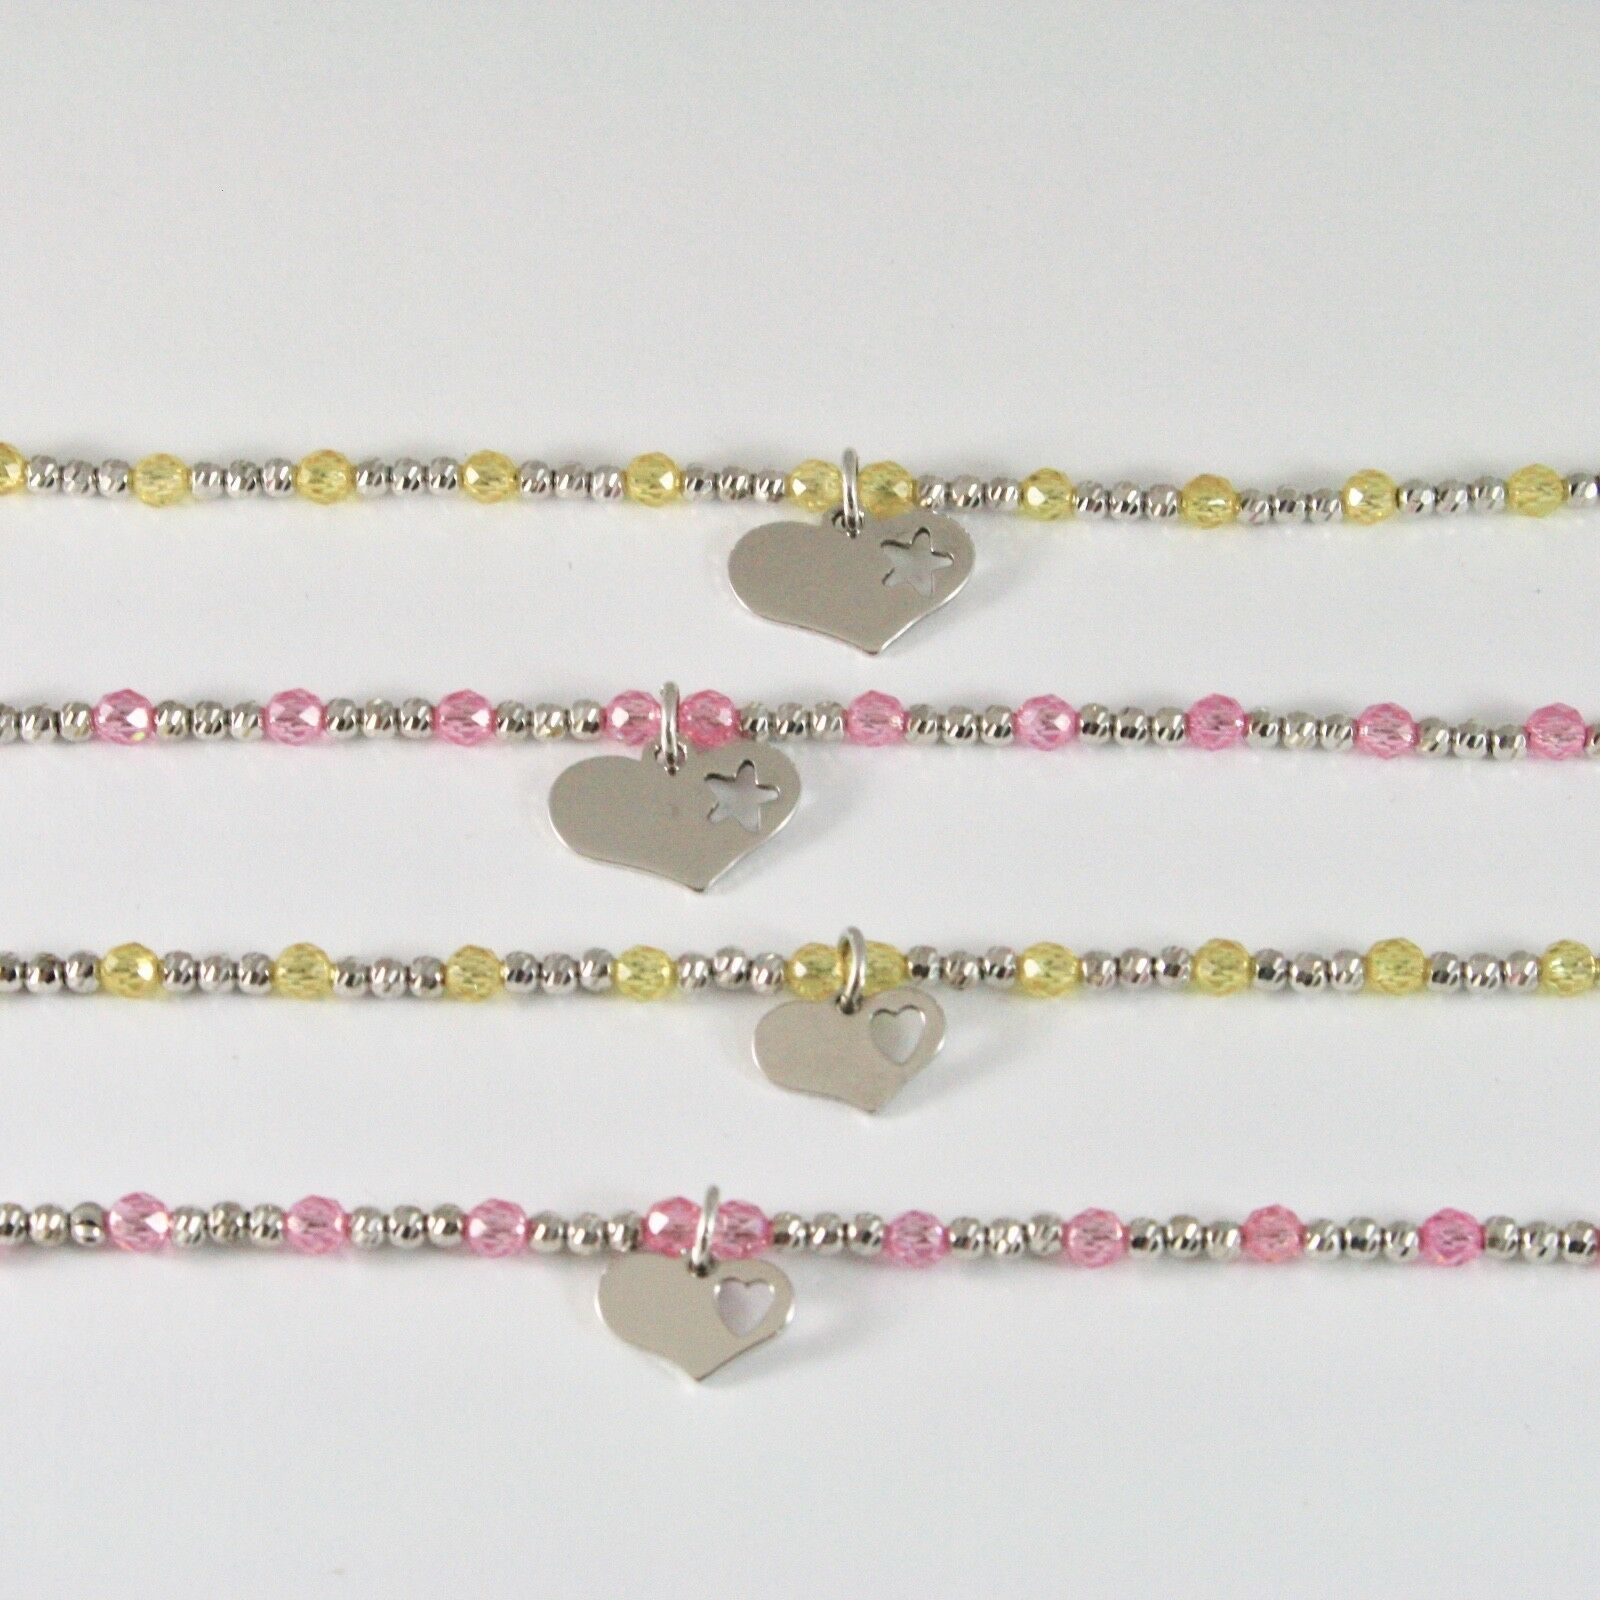 Silber Armband 925 Rhodium mit Zirkonia Kubische Kugeln und Anhänger A Herz